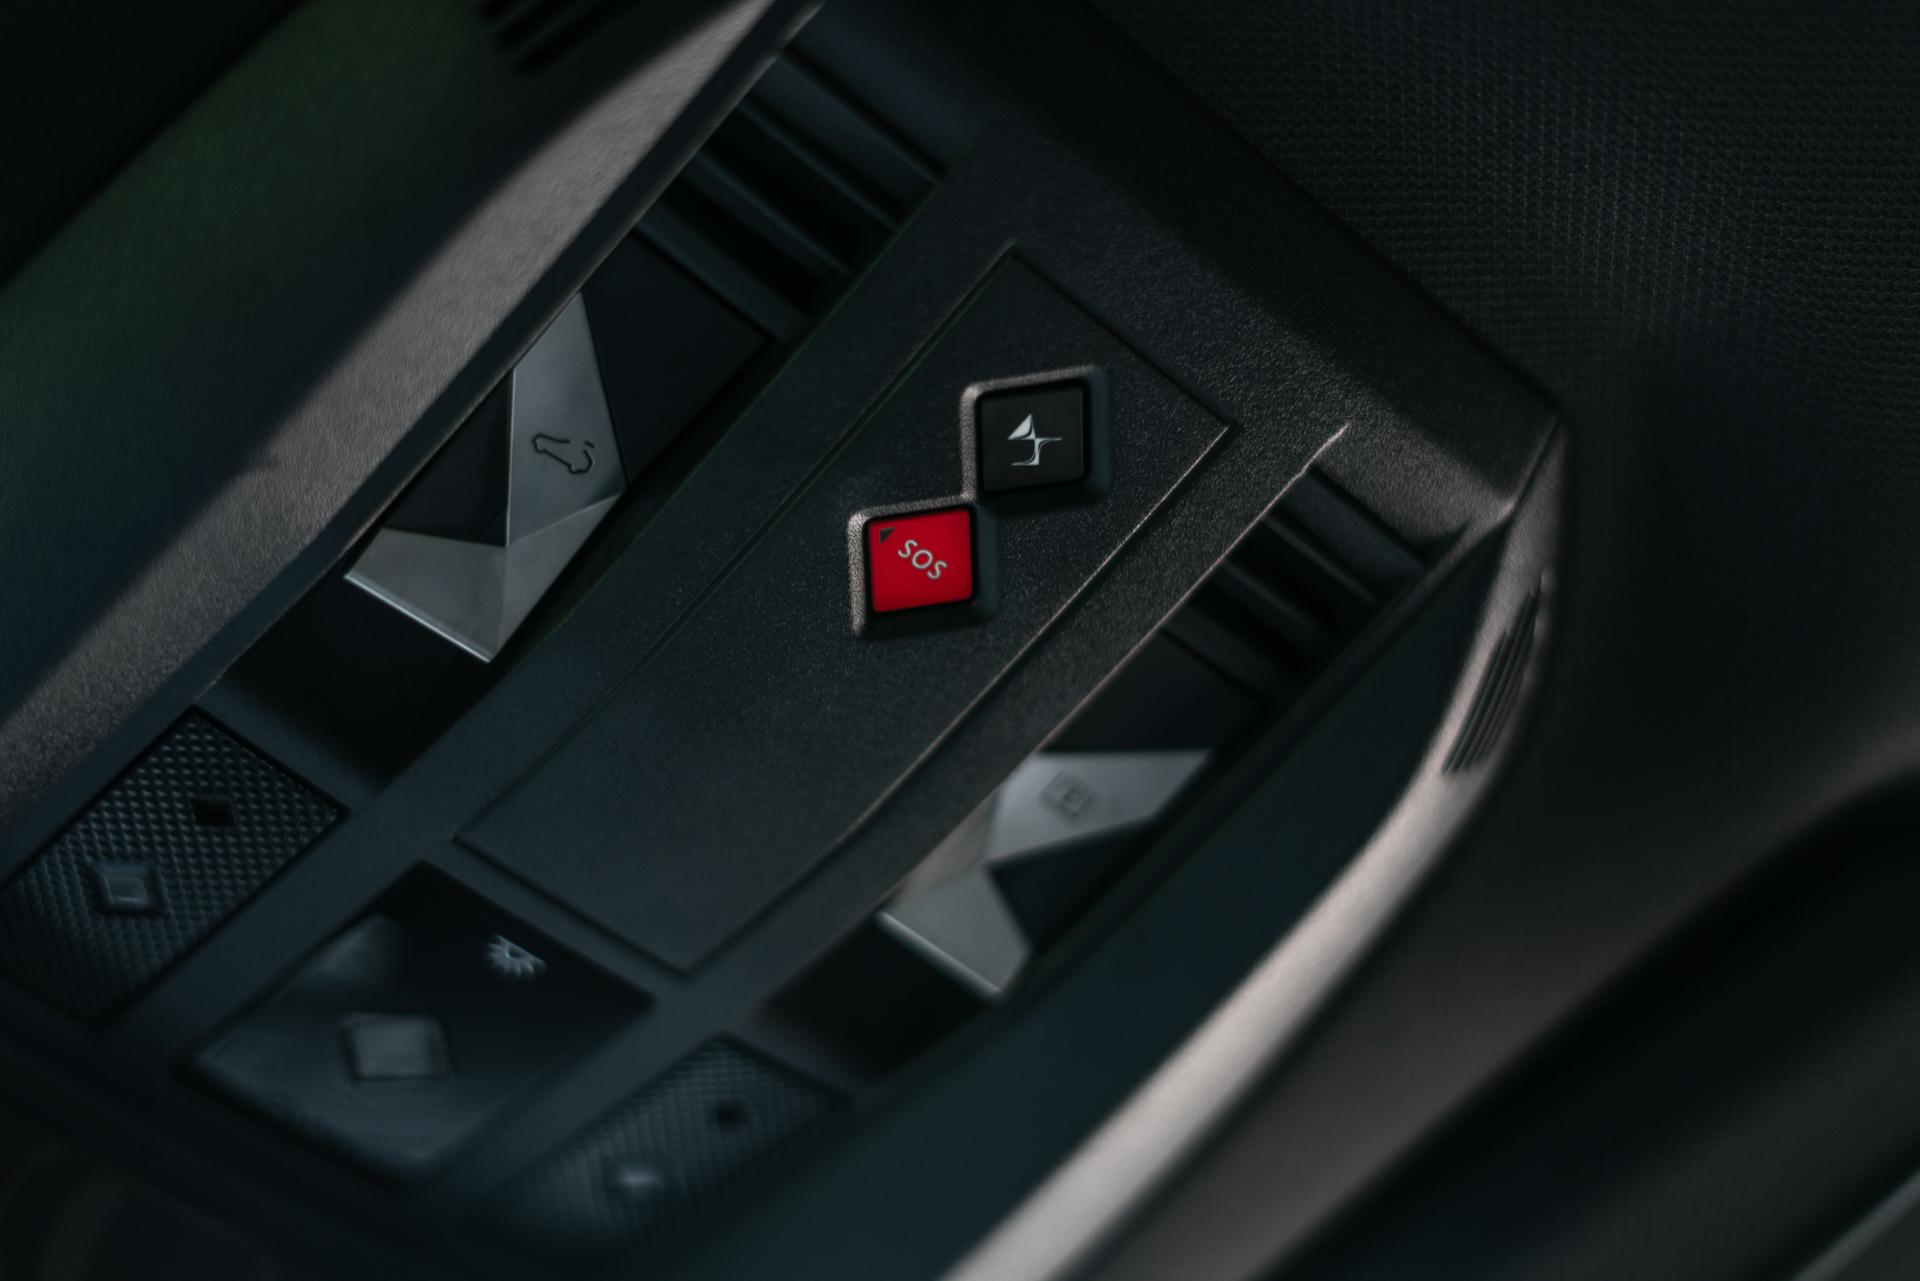 DS 7 Crossback interiør knapper